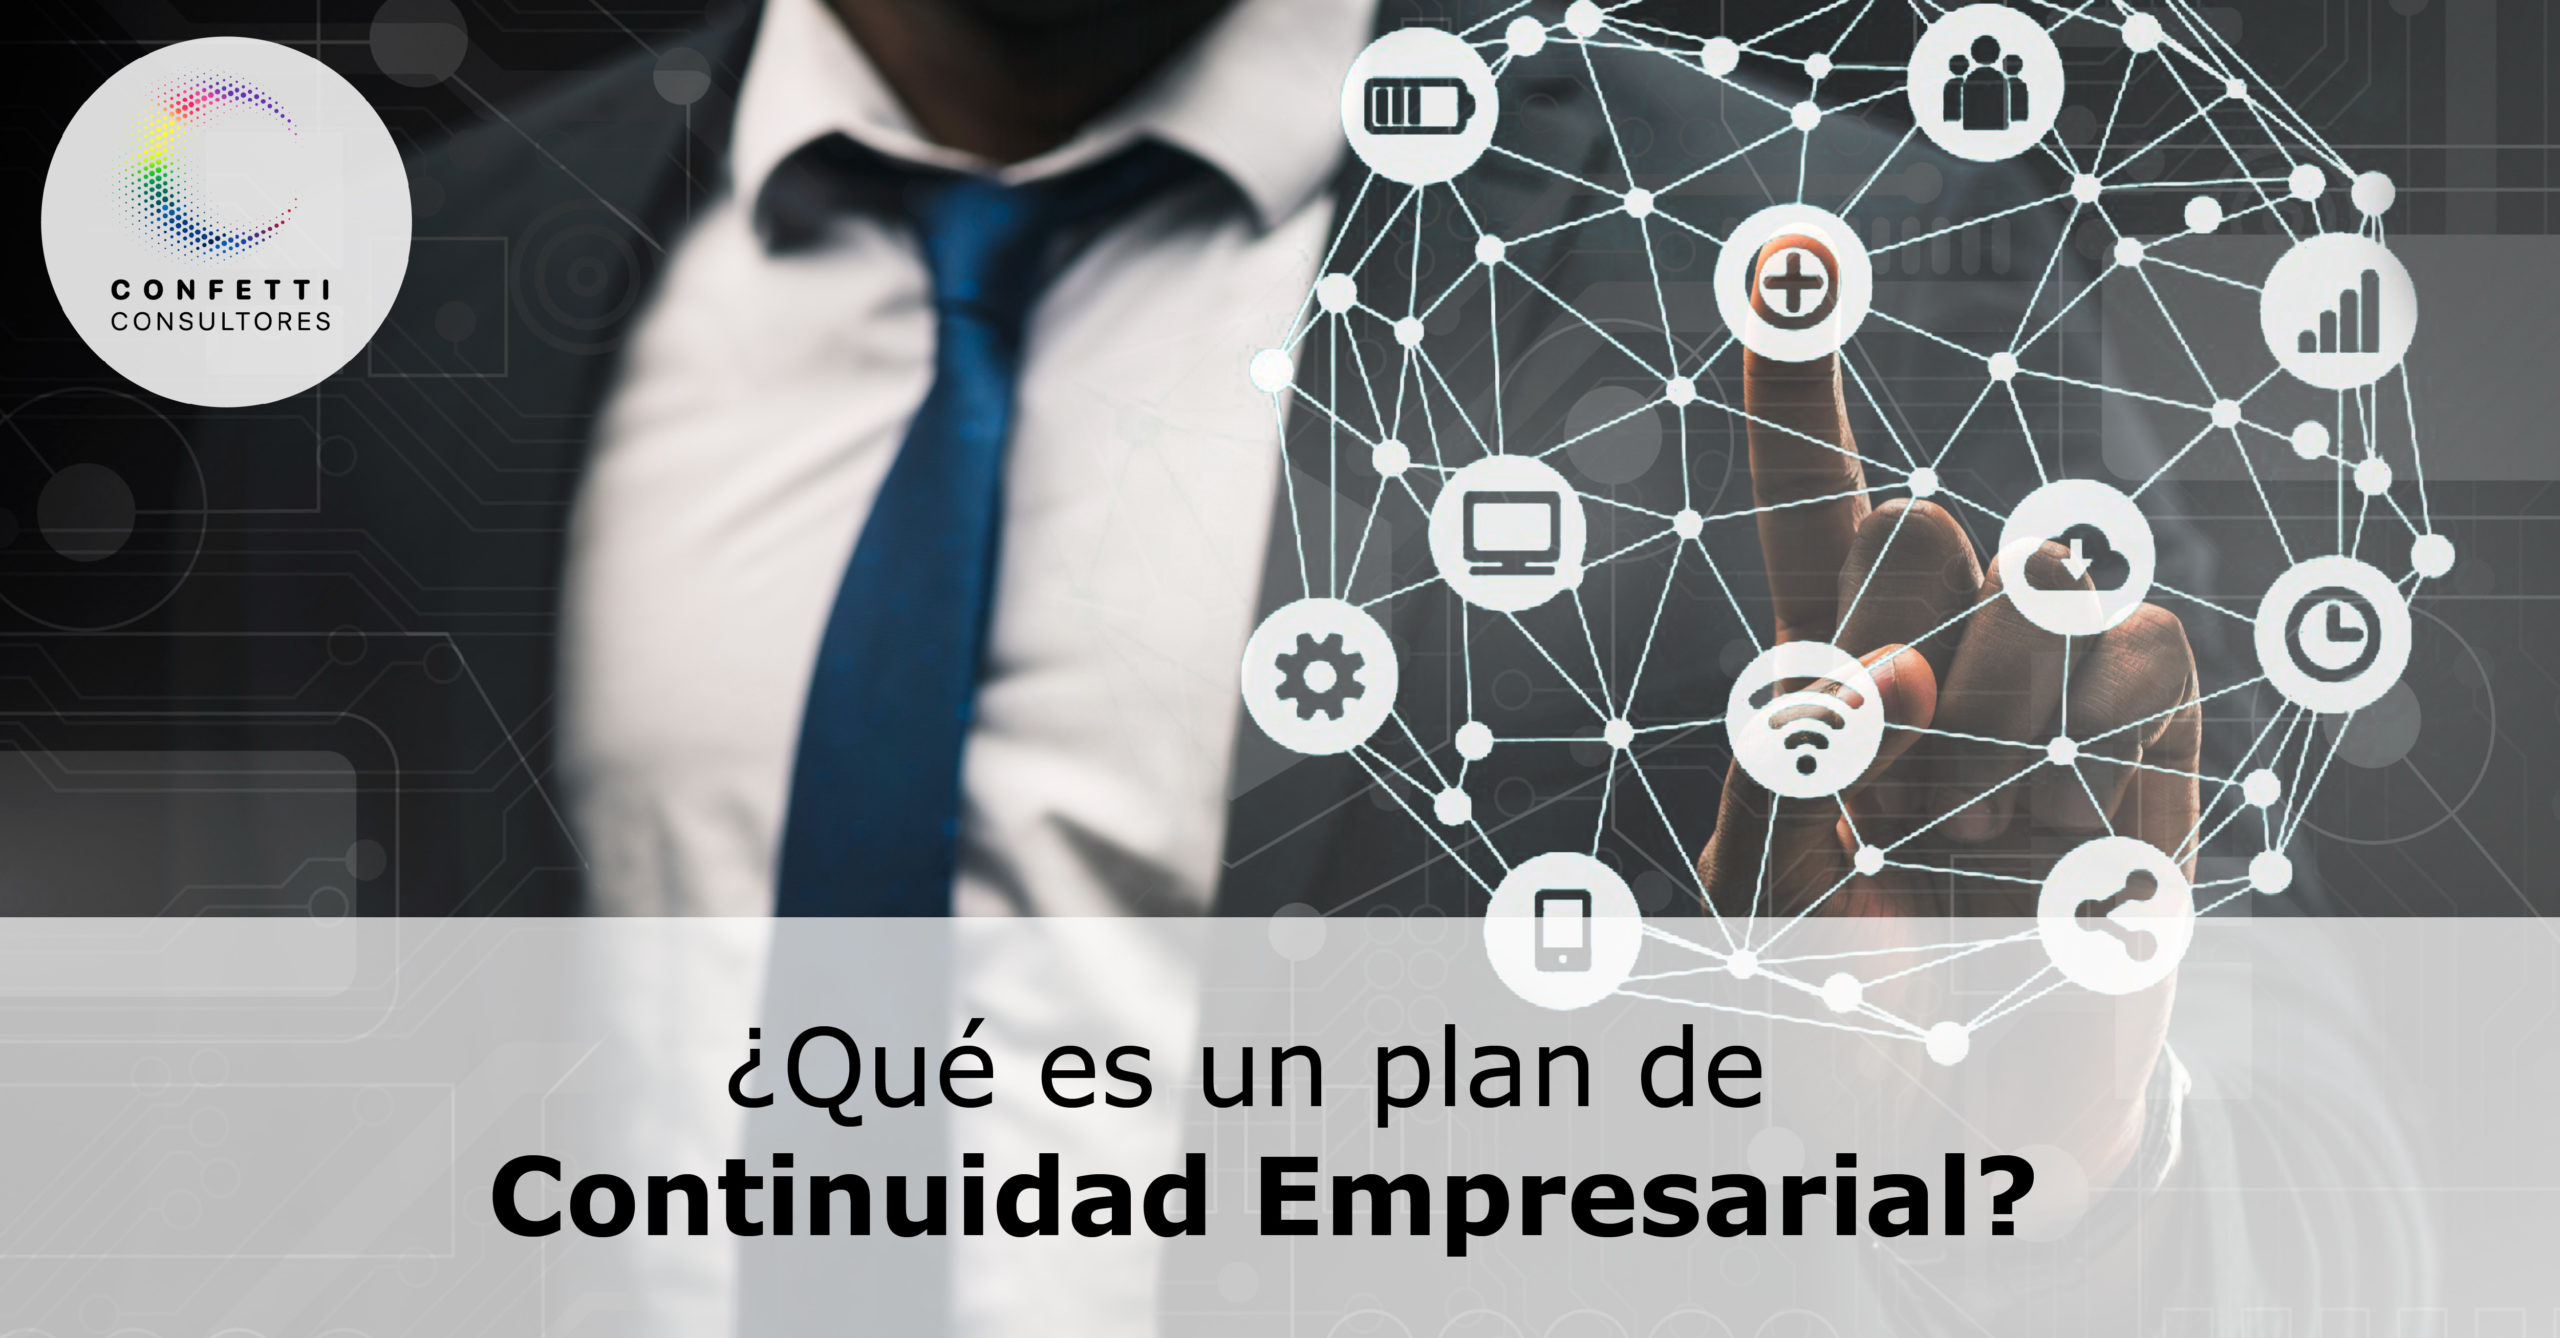 Plan de continuidad empresarial